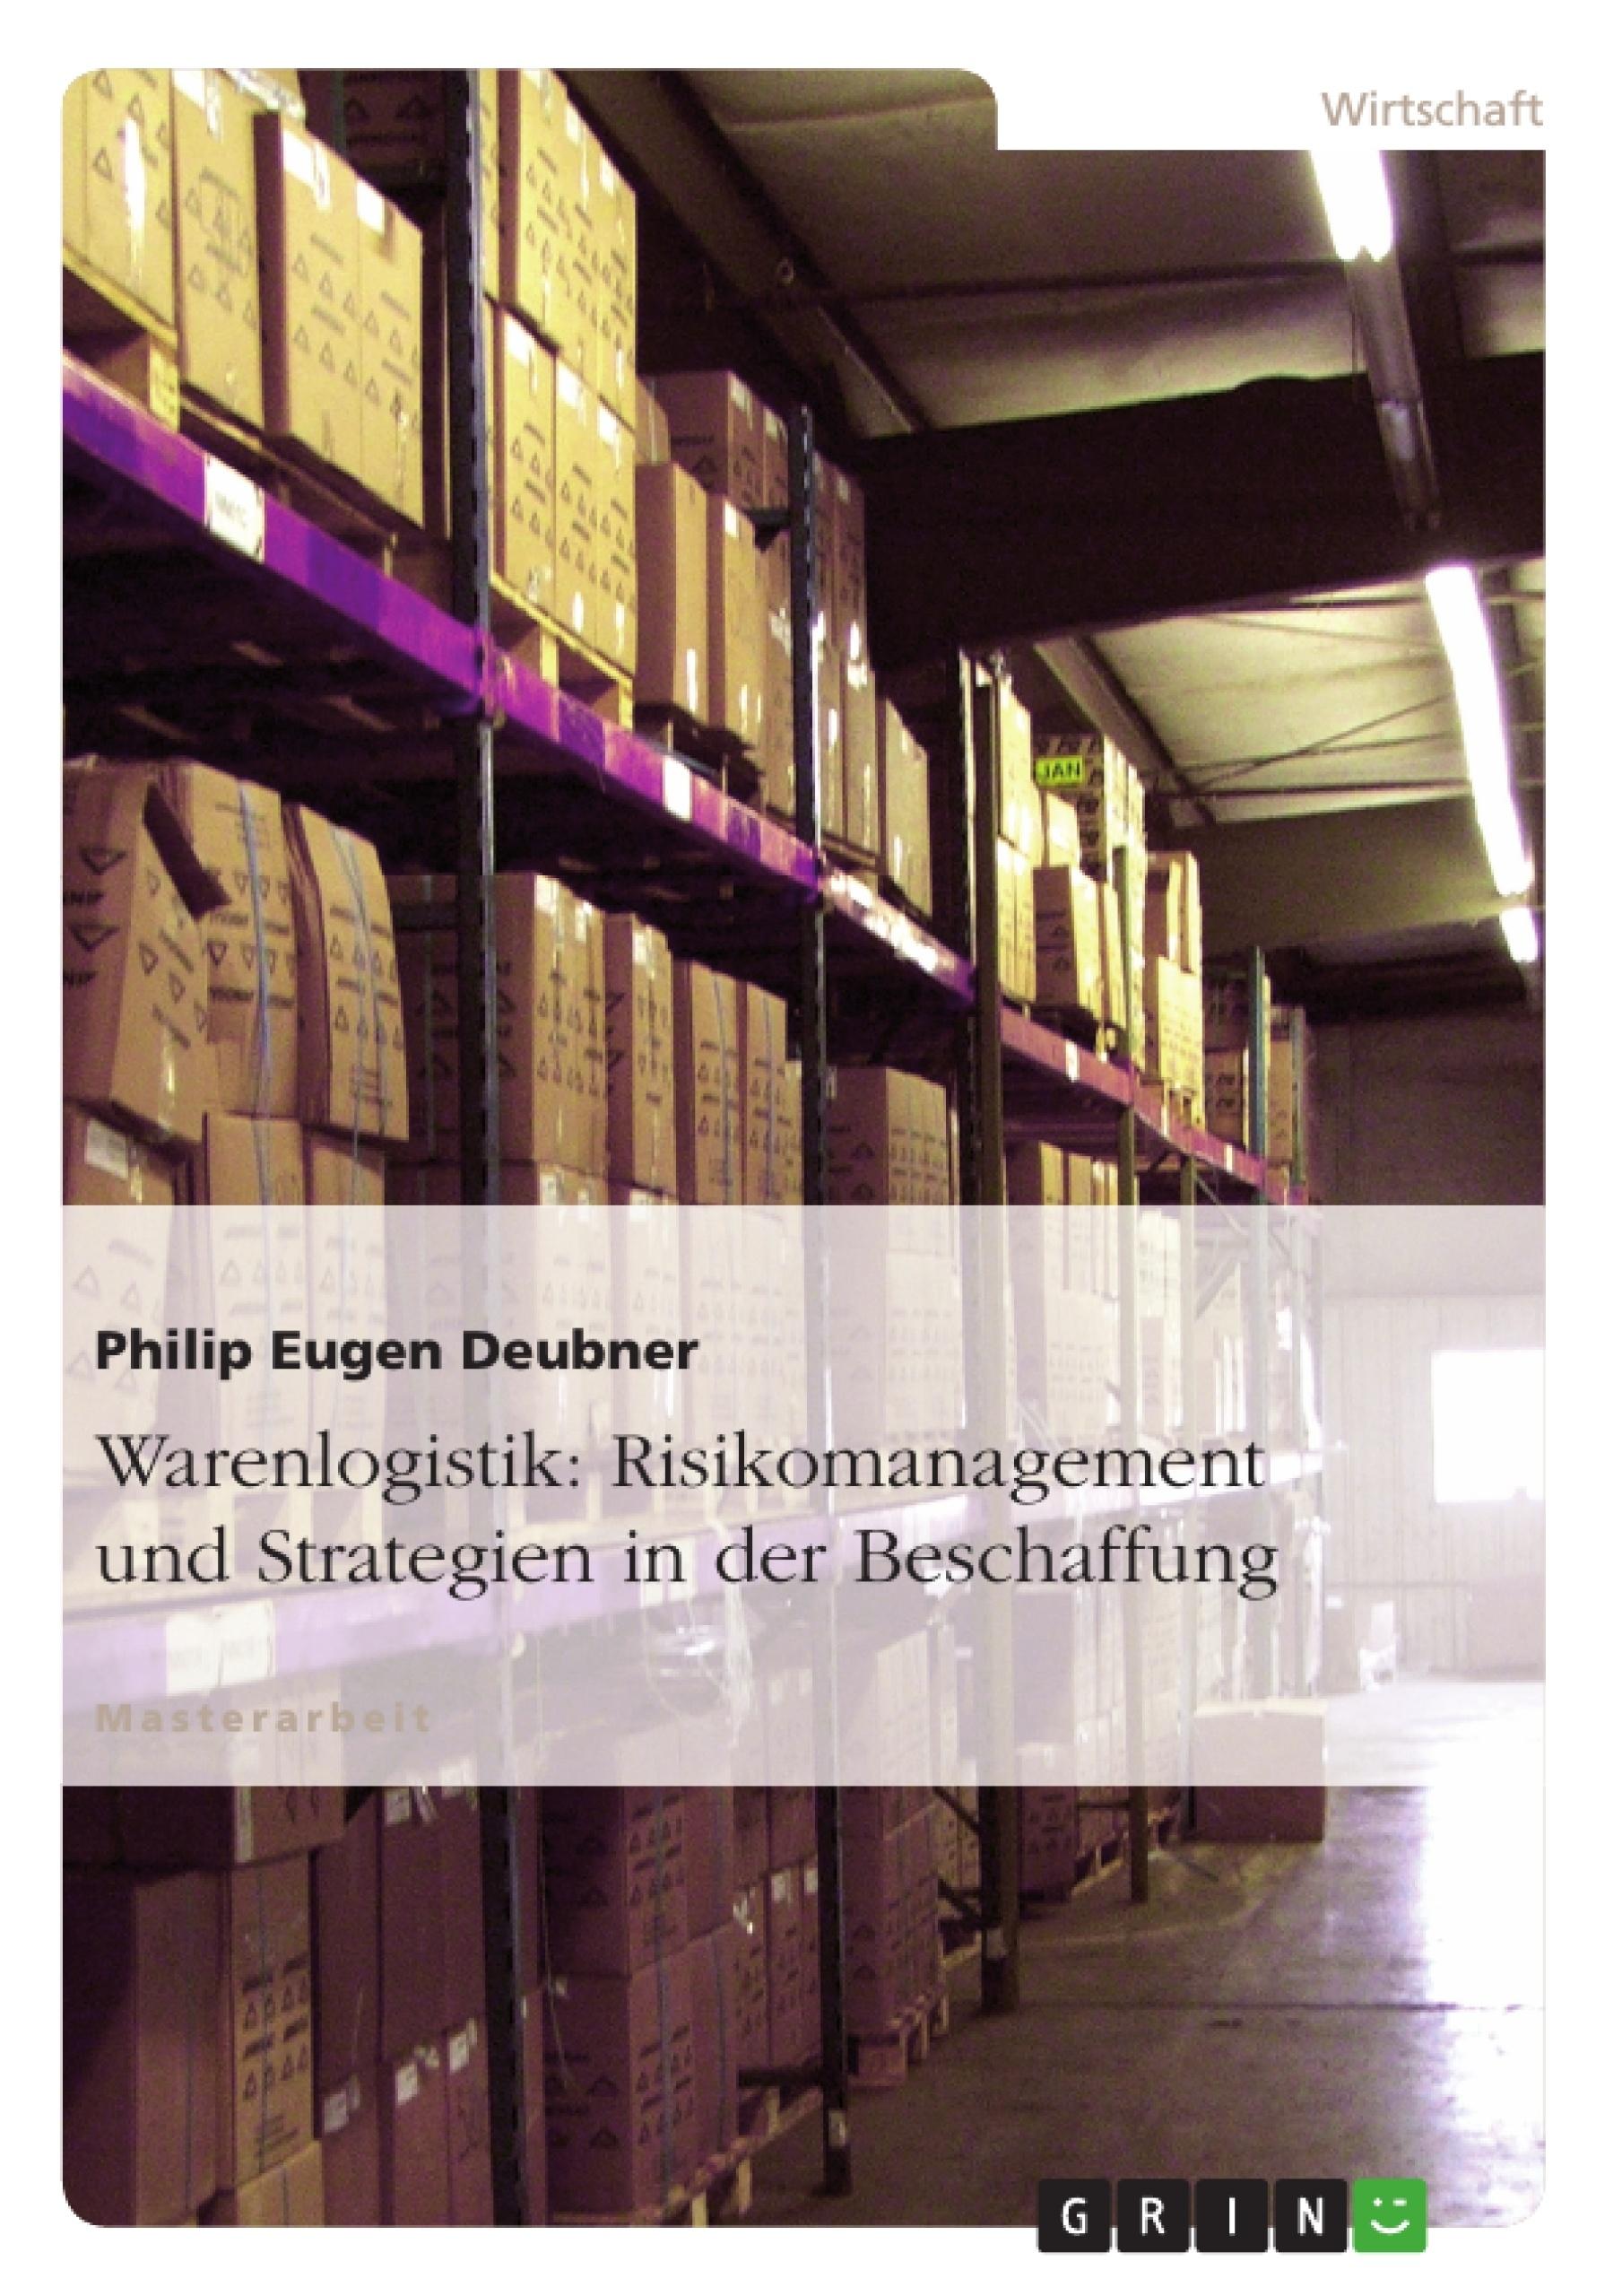 Titel: Warenlogistik: Risikomanagement und Strategien in der Beschaffung